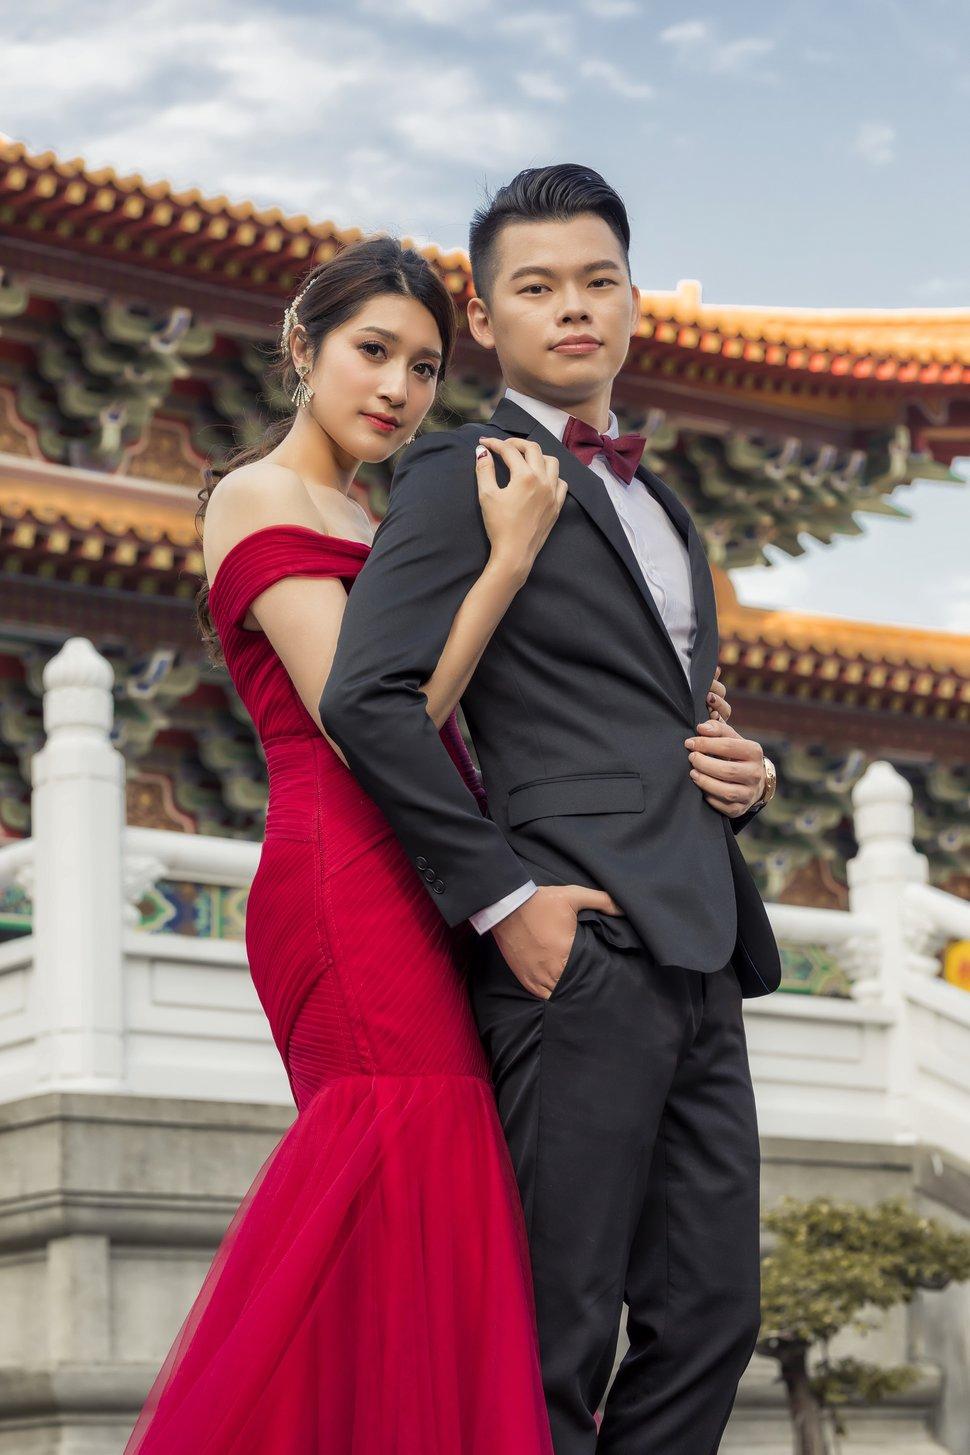 Khalil Chou(經典復古)-32 - Khalil Chou (凱勒·周)《結婚吧》